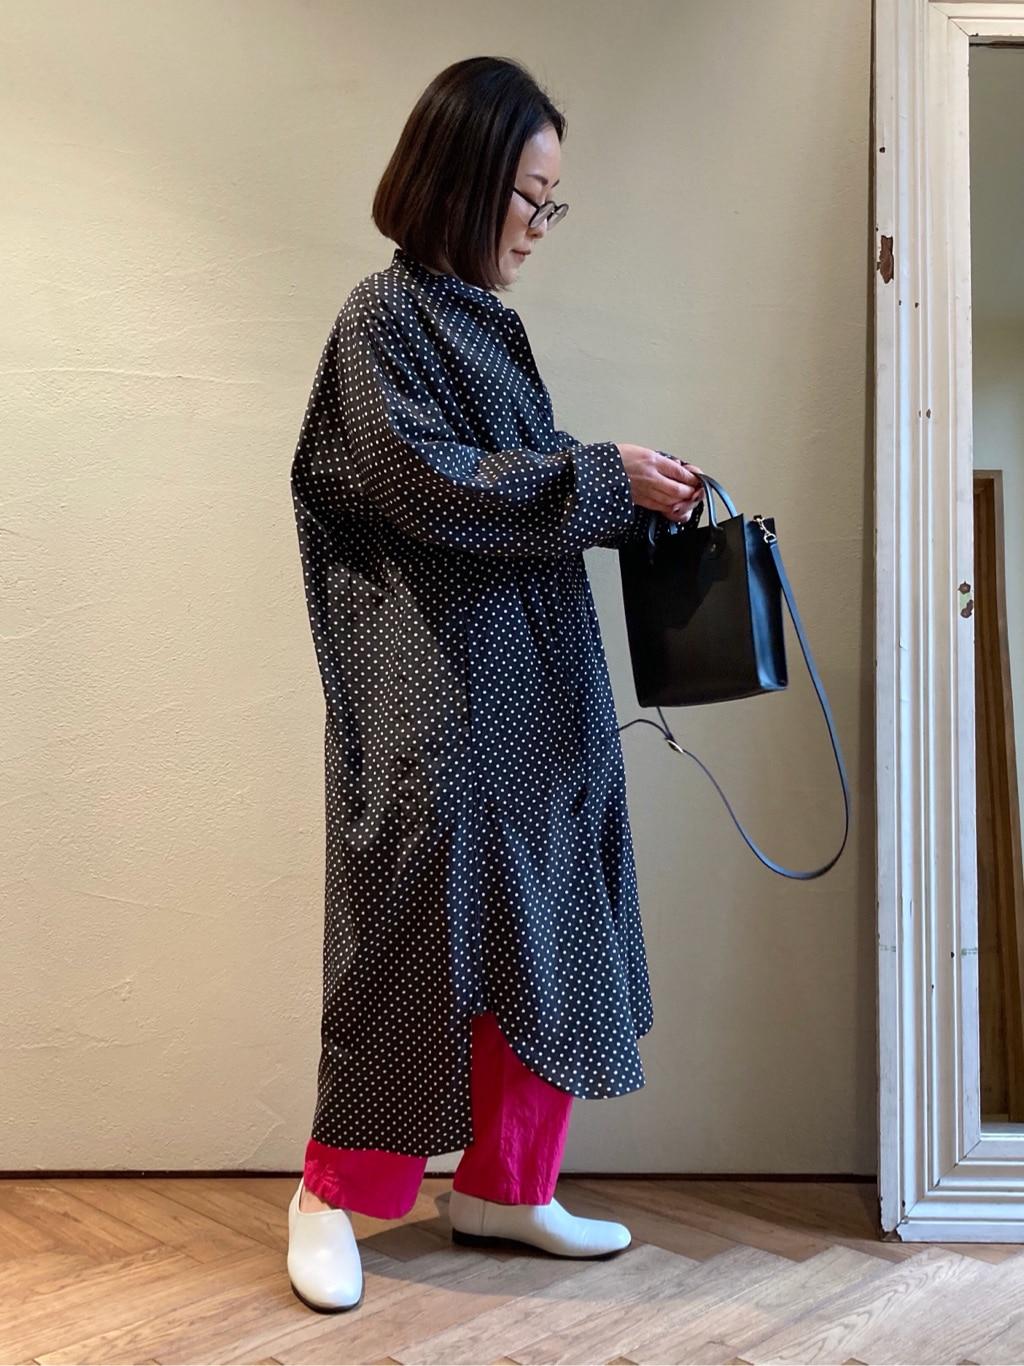 yuni 京都路面 身長:152cm 2021.03.03